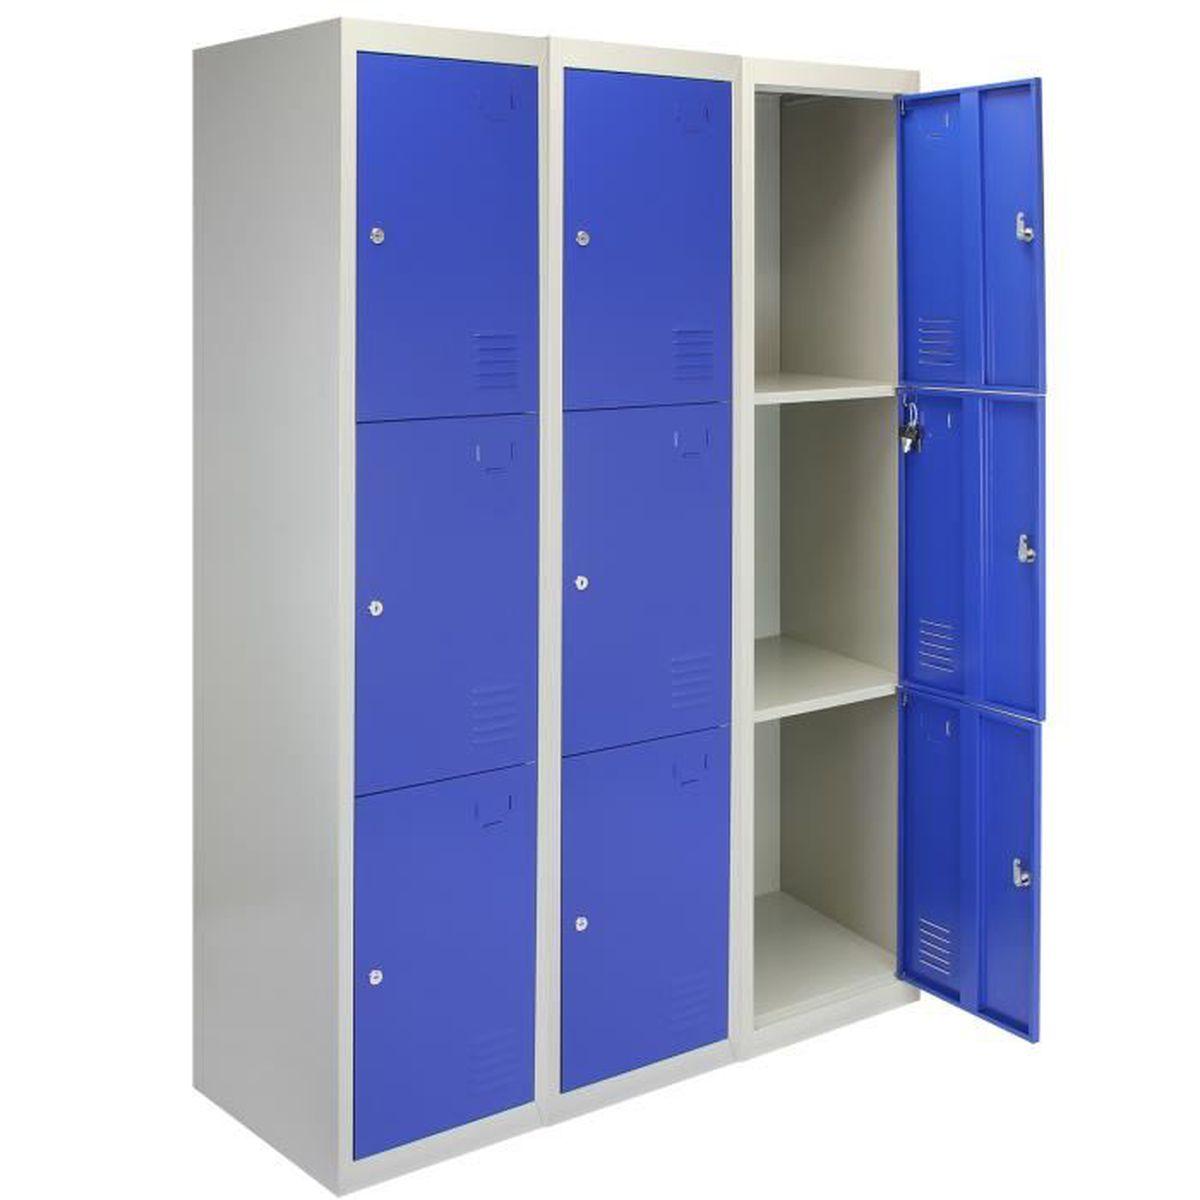 Casier 3 Portes Metal Rangement Acier Salle De Sport Verrouillable Bleu Gris Achat Vente Bac De Rangement Outils Casier 3 Portes Metal Range Cdiscount